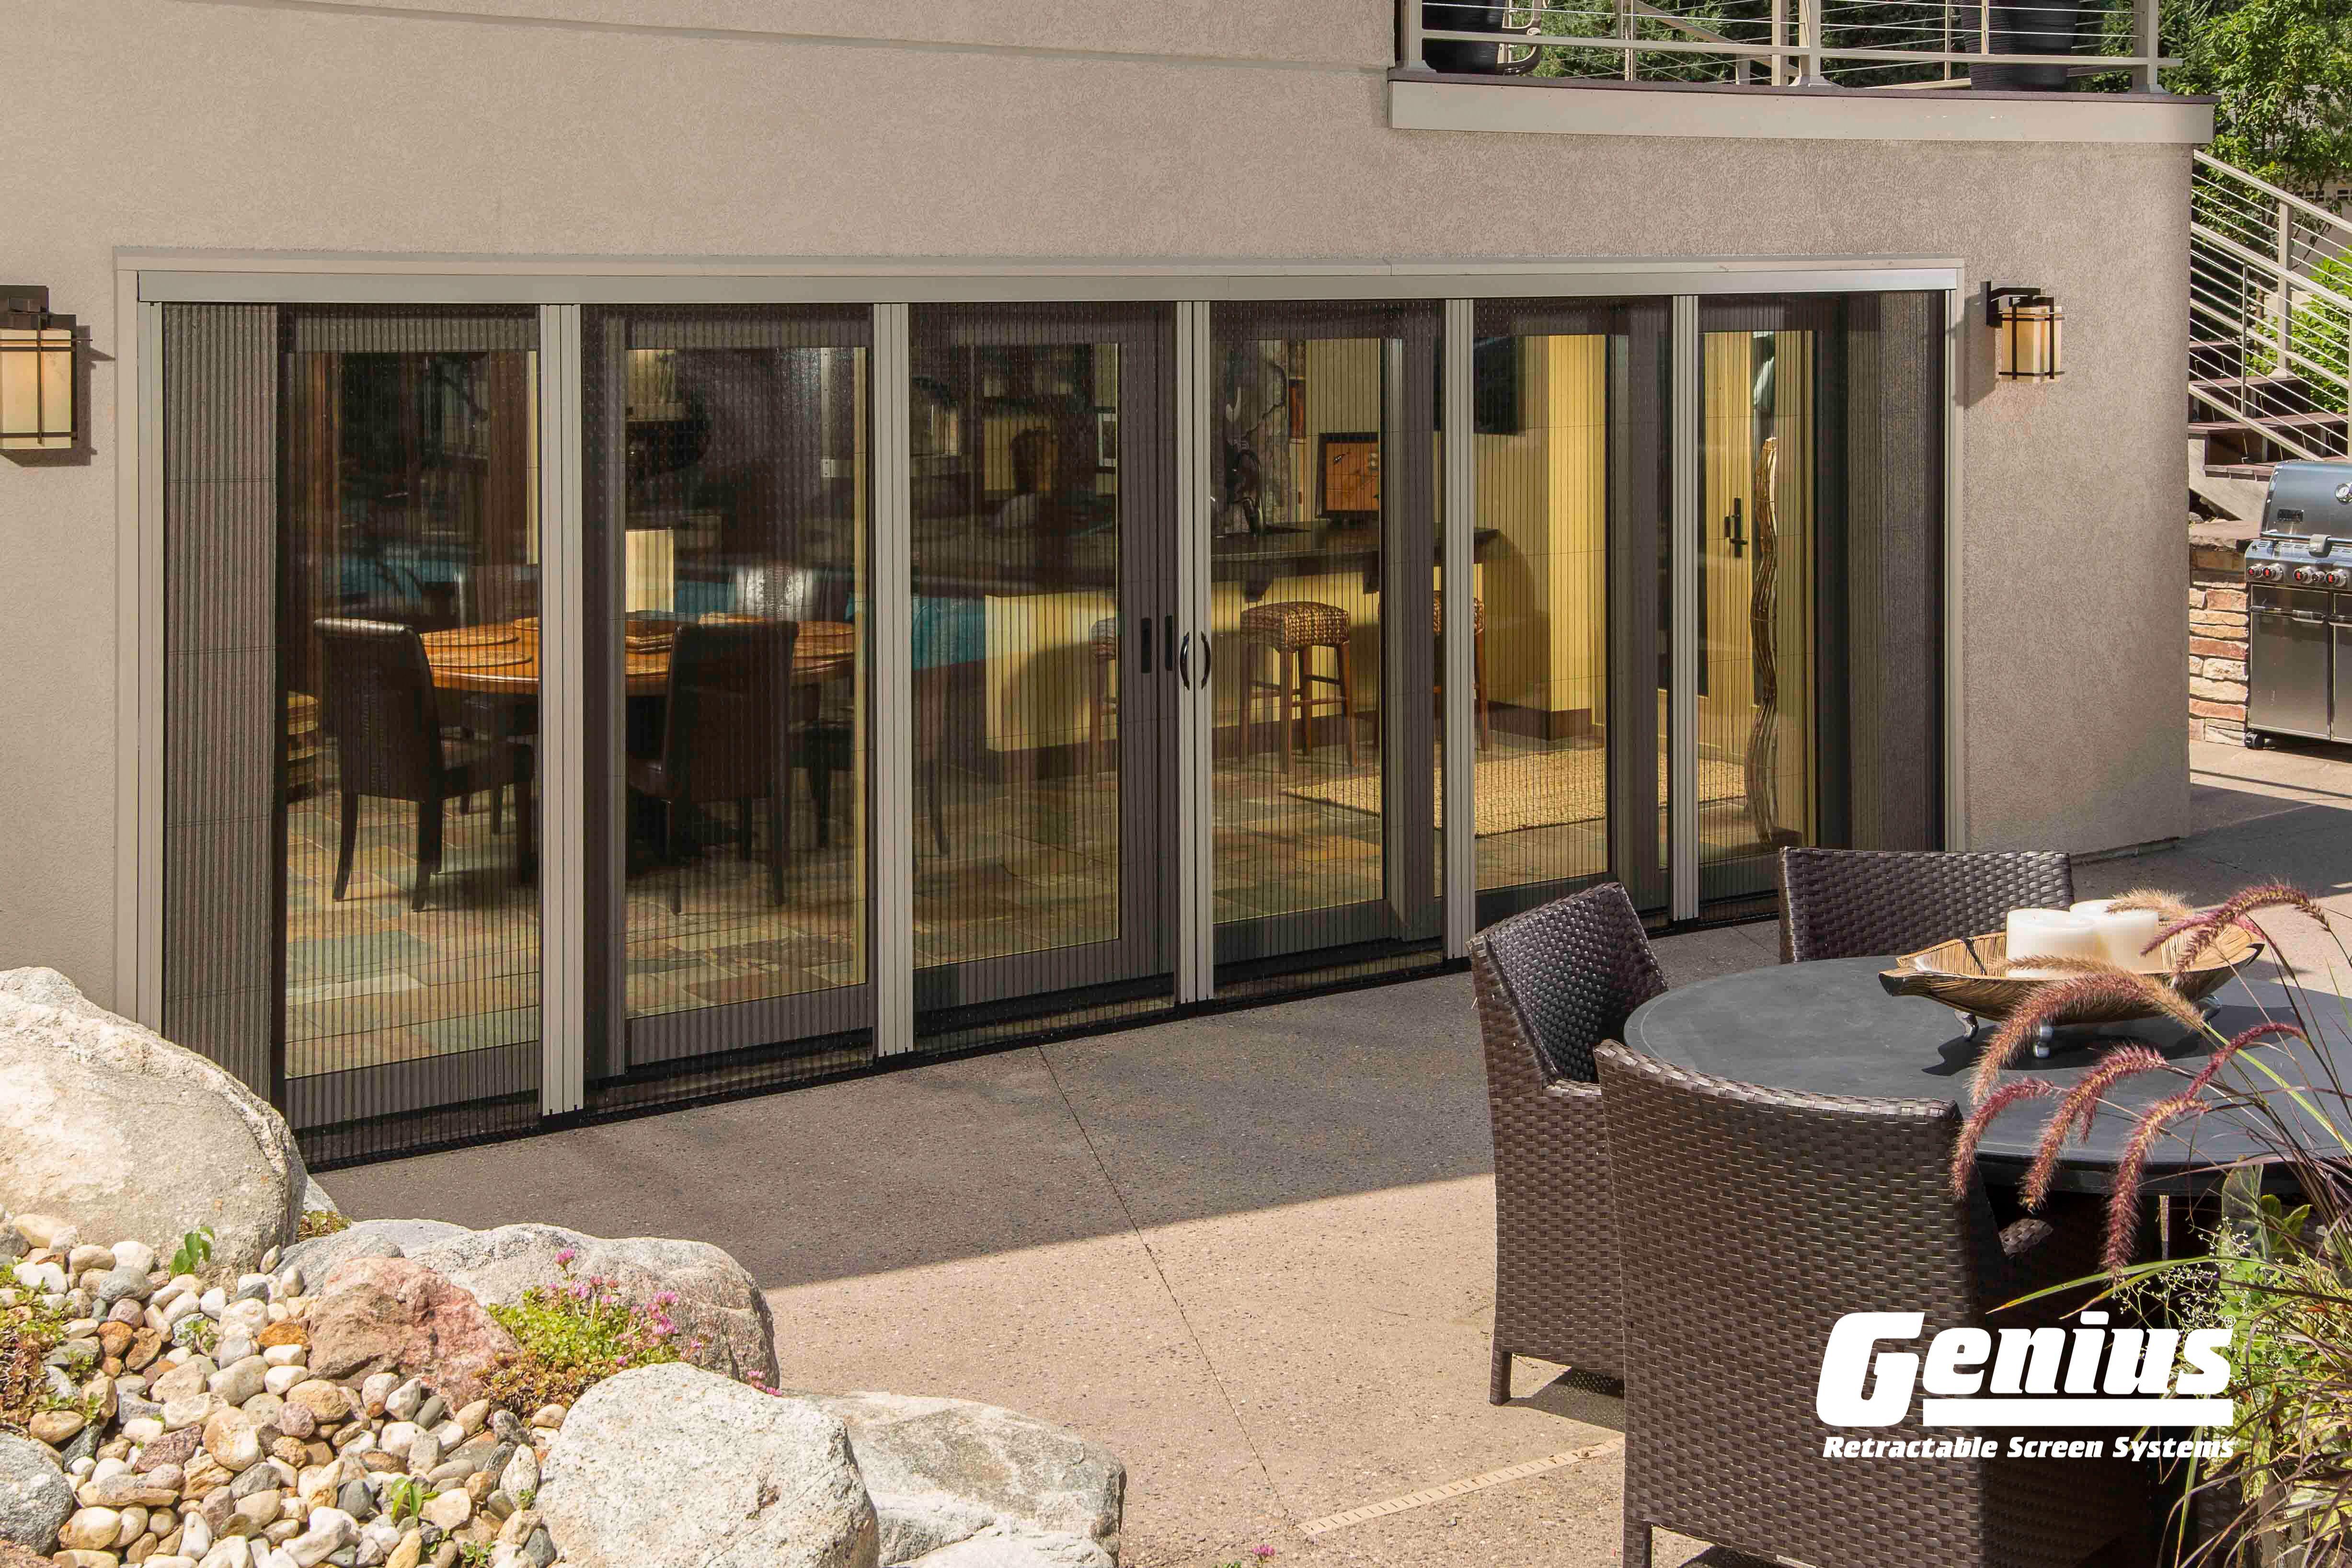 Genius Sheer Screen Advance Retractable Screen Door